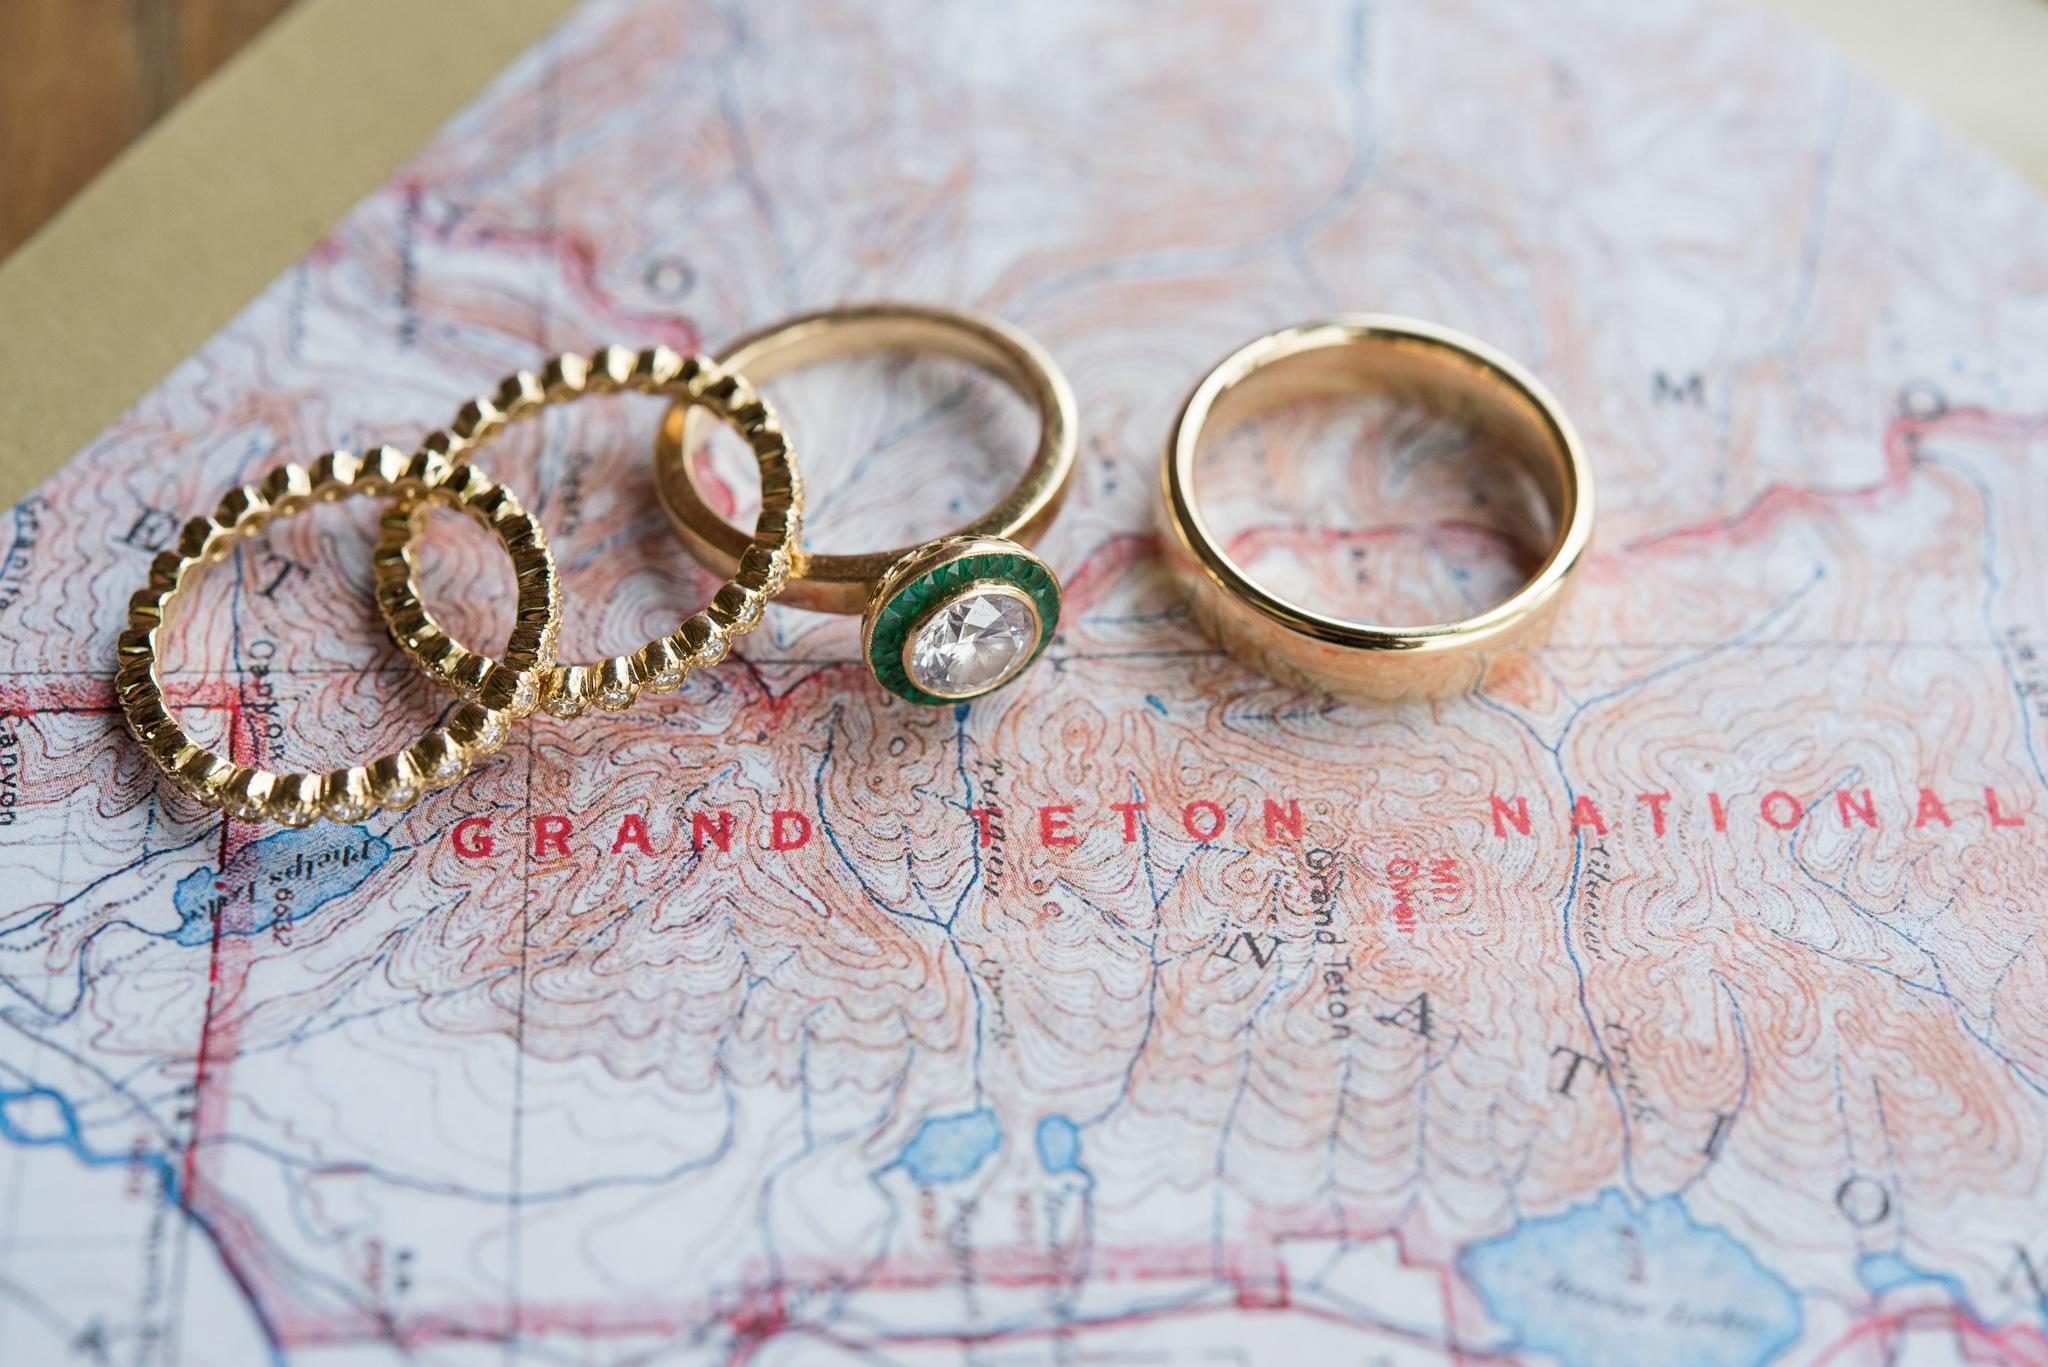 TypeA_WyomingNationalParkWedding_Map_Envelope_Invitation_RingPhoto.jpg